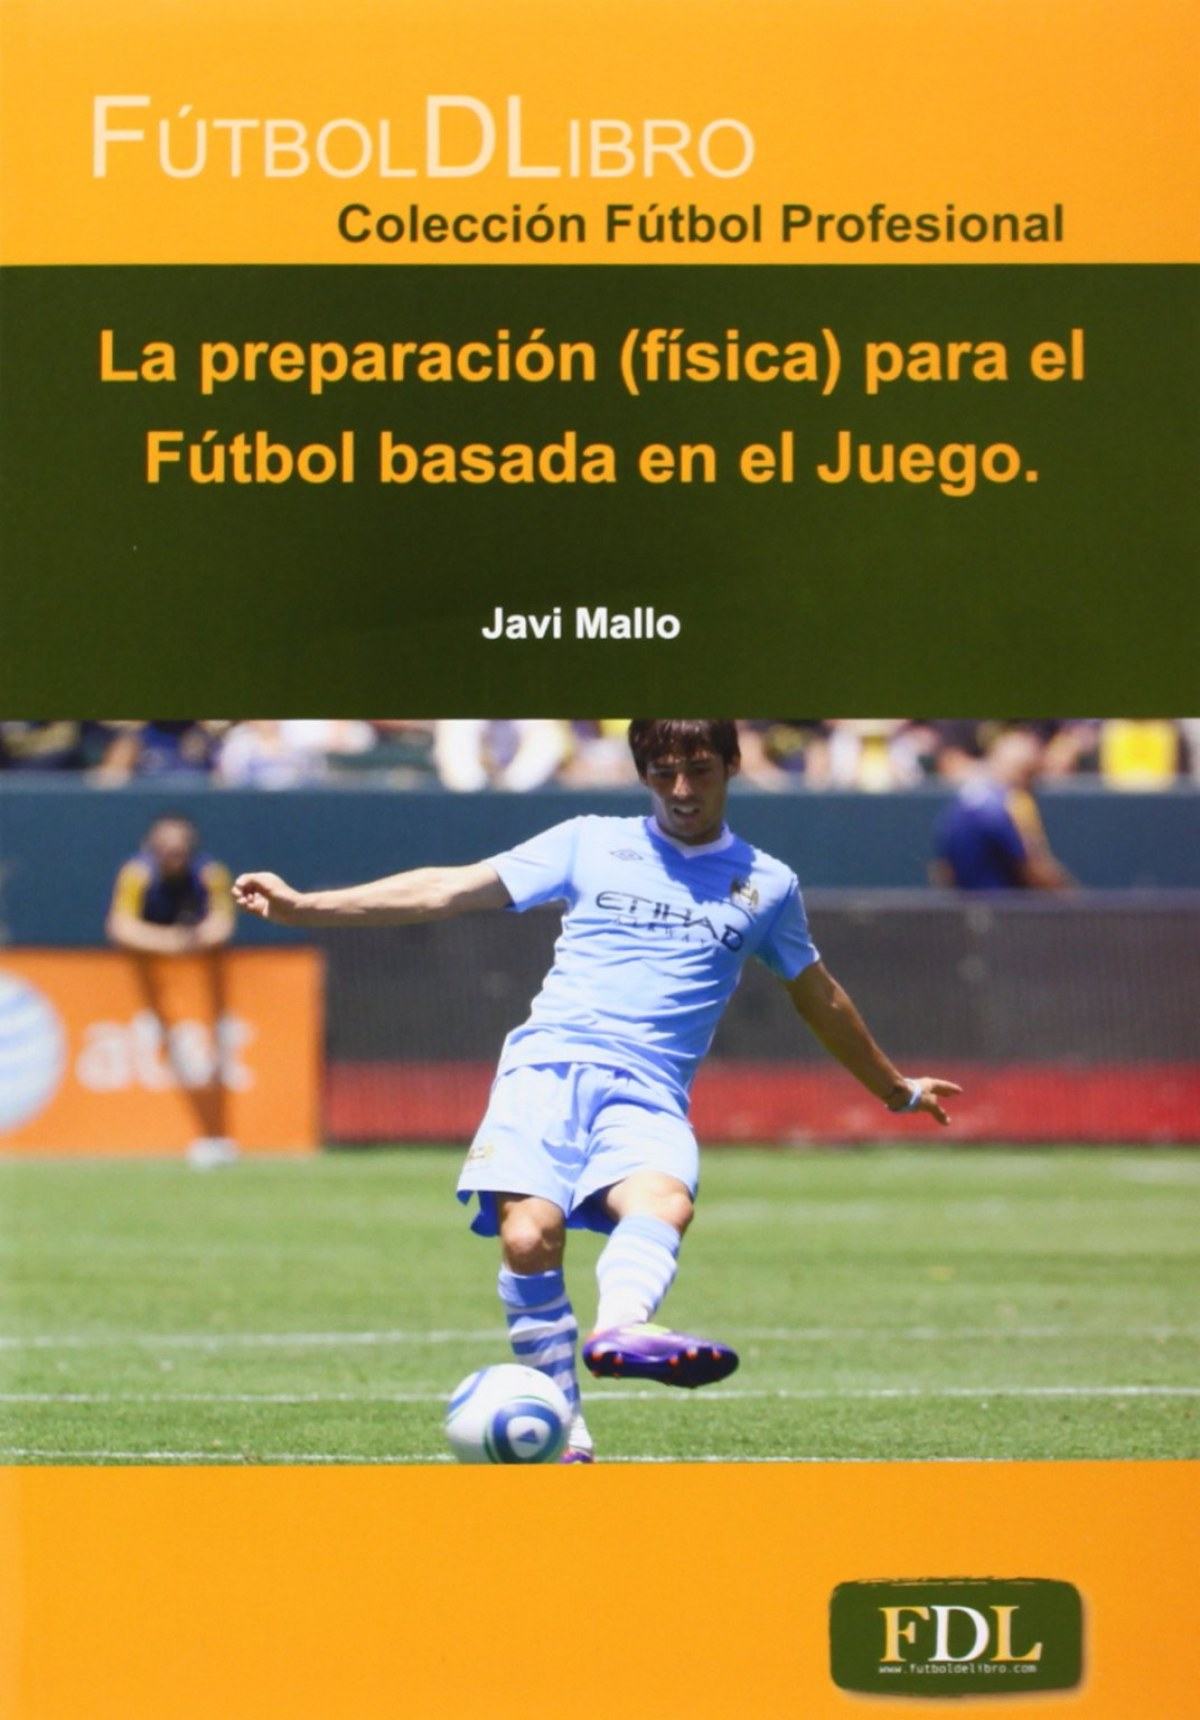 Preparación f¡sica para el fútbol basada en el juego 9788494098413